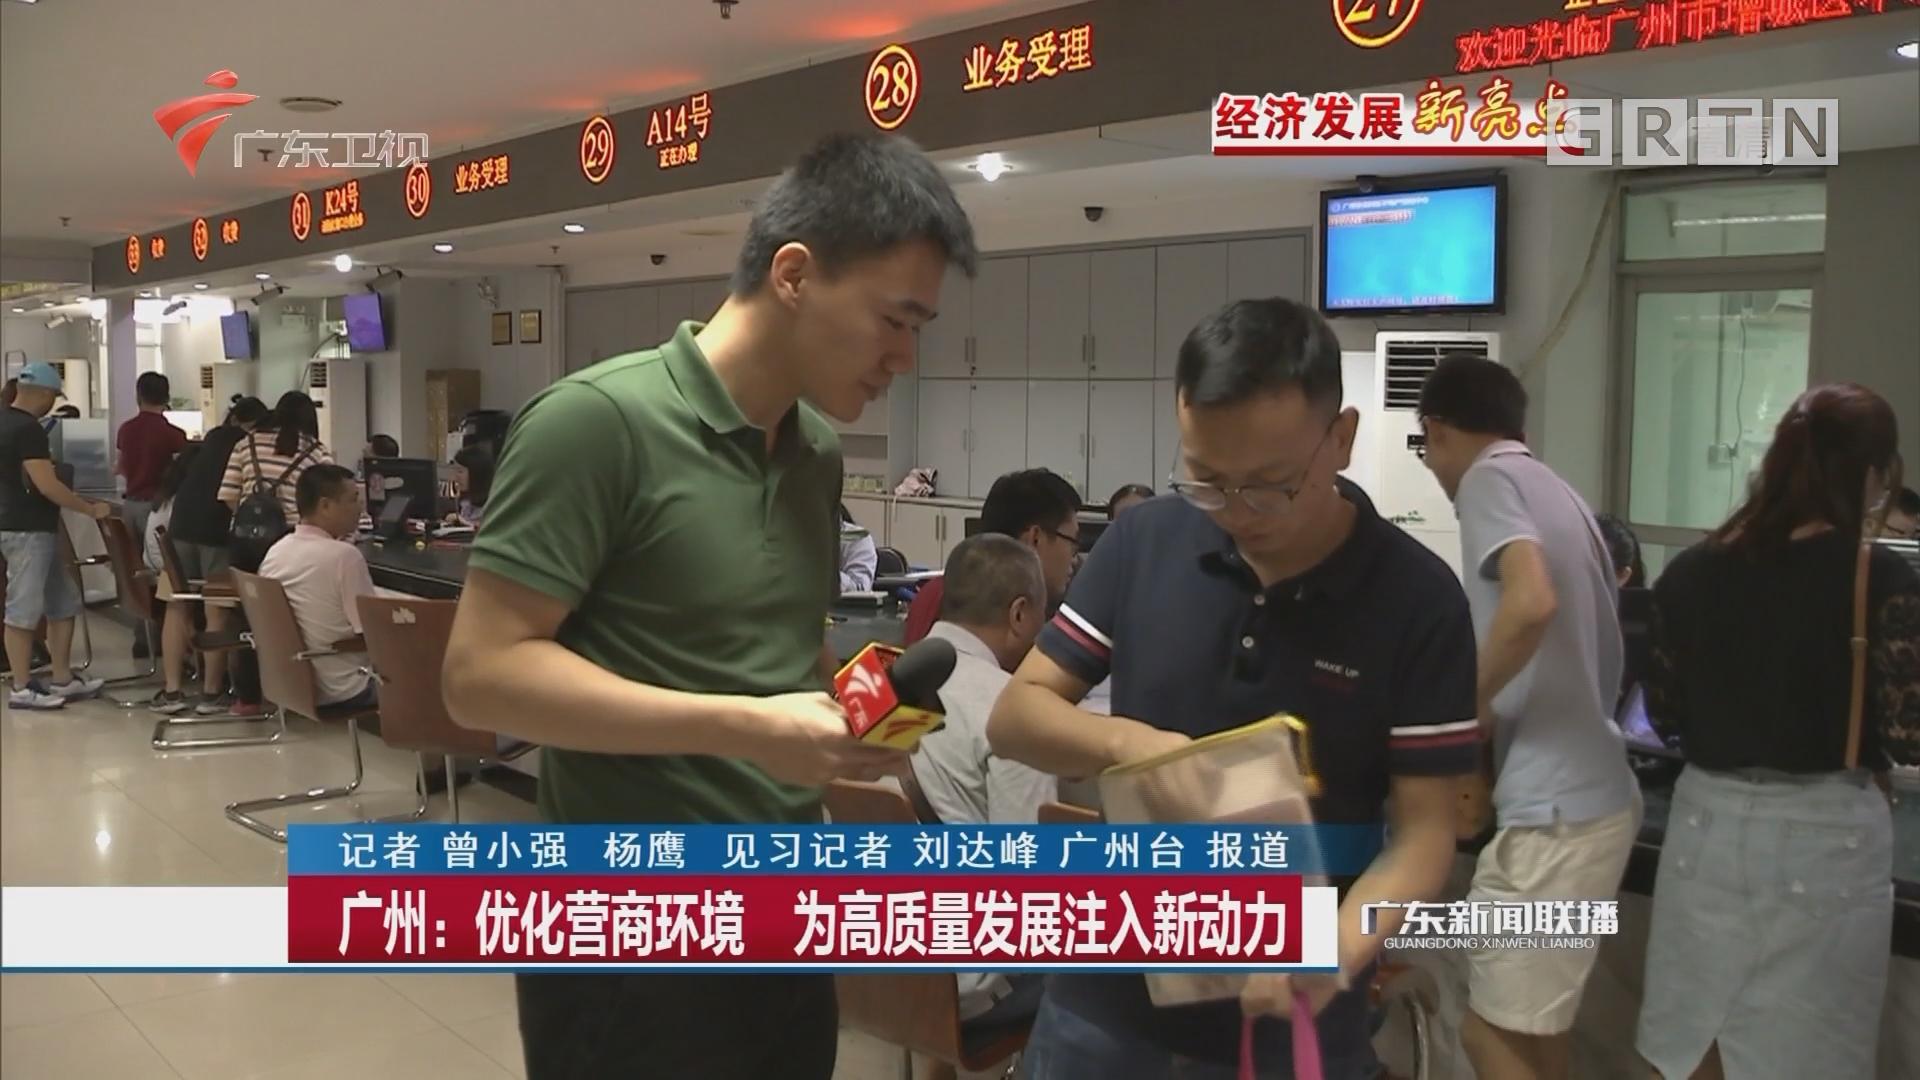 广州:优化营商环境 为高质量发展注入新动力